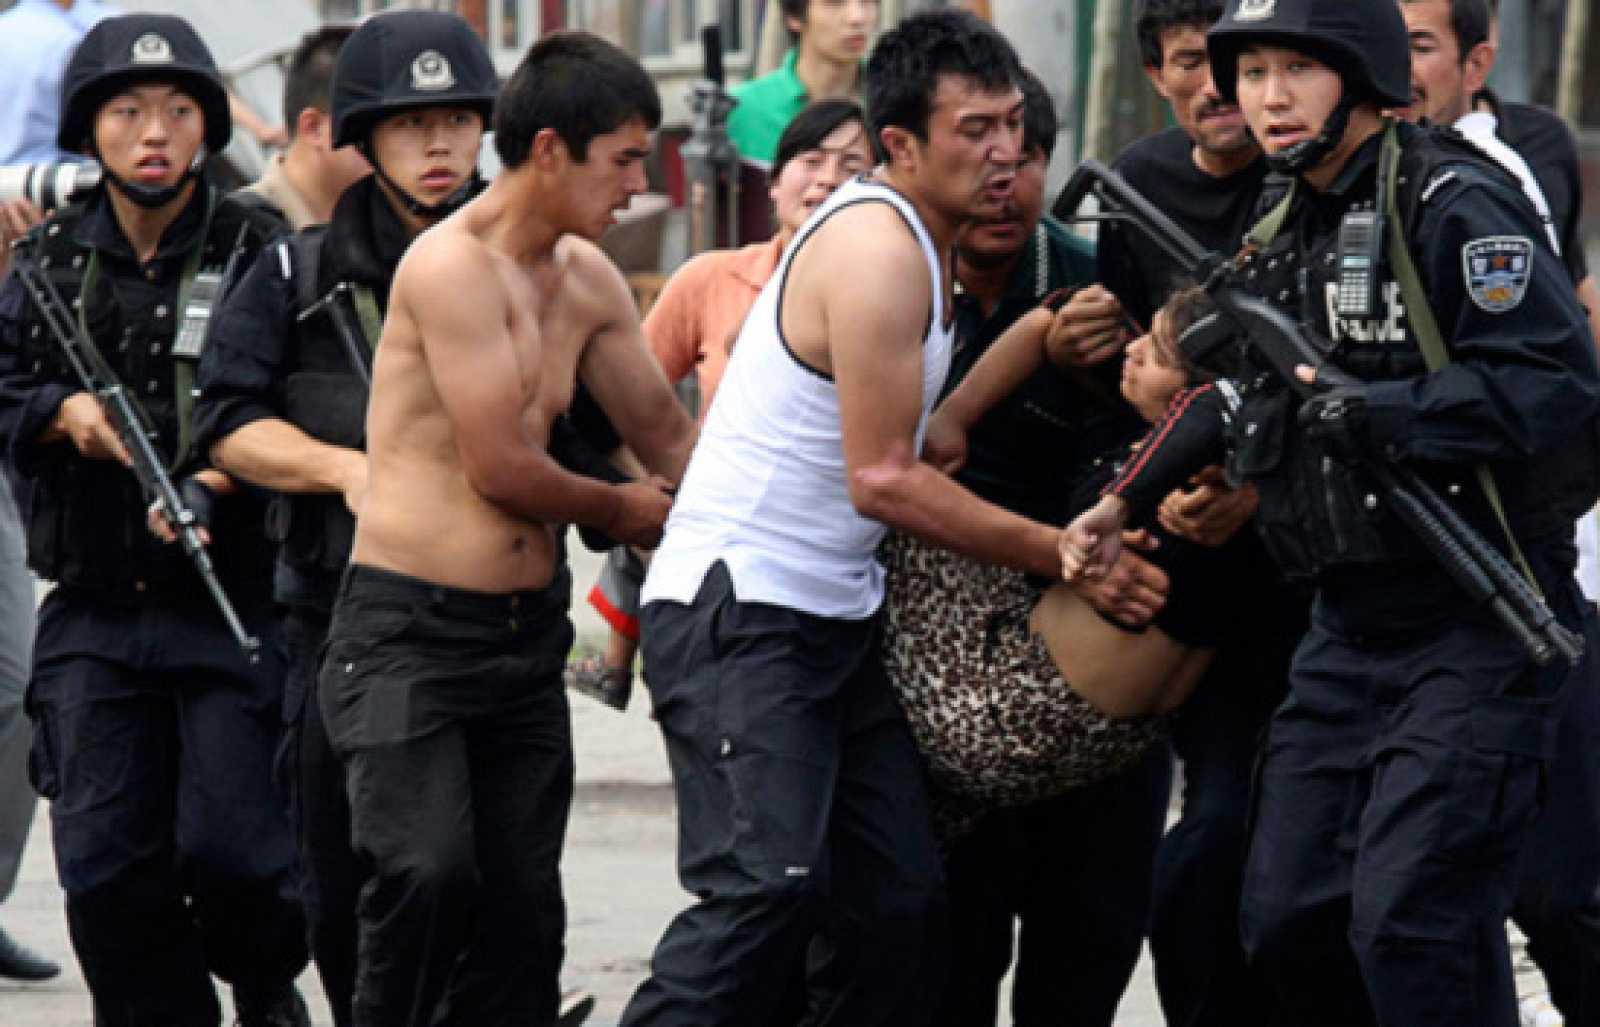 Continúan las protestas en China tras la violenta represión de la policía contra la minoría musulmana. Al menos 156 personas han muerto en los altercados, y casi un millar de personas han rsutlado heridas. (7/7/09)